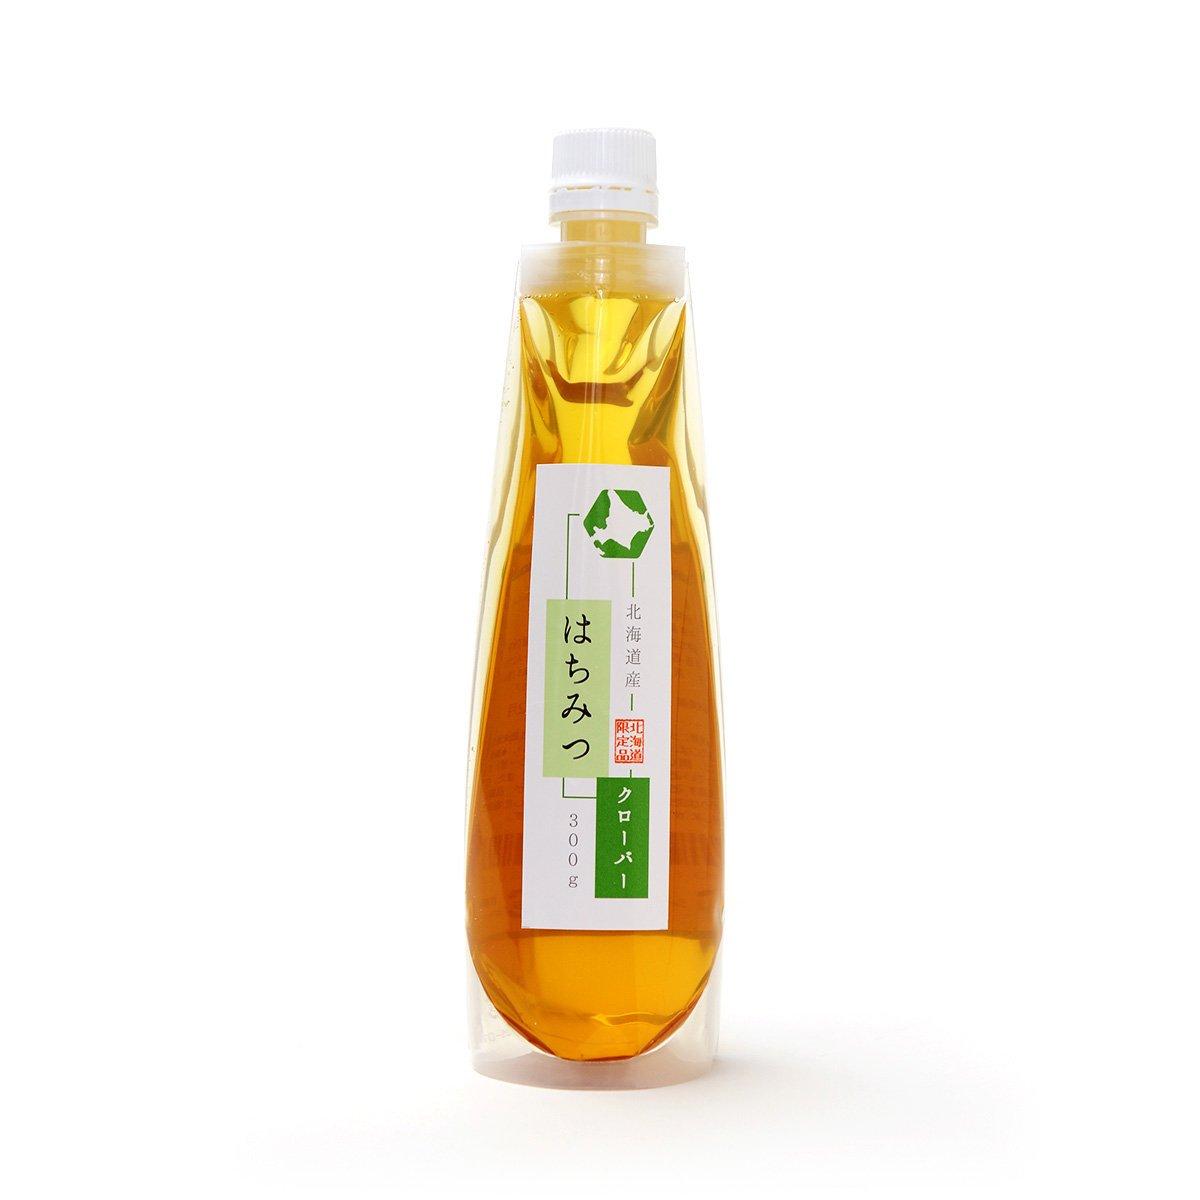 北海道産らくらく蜂蜜 クローバー